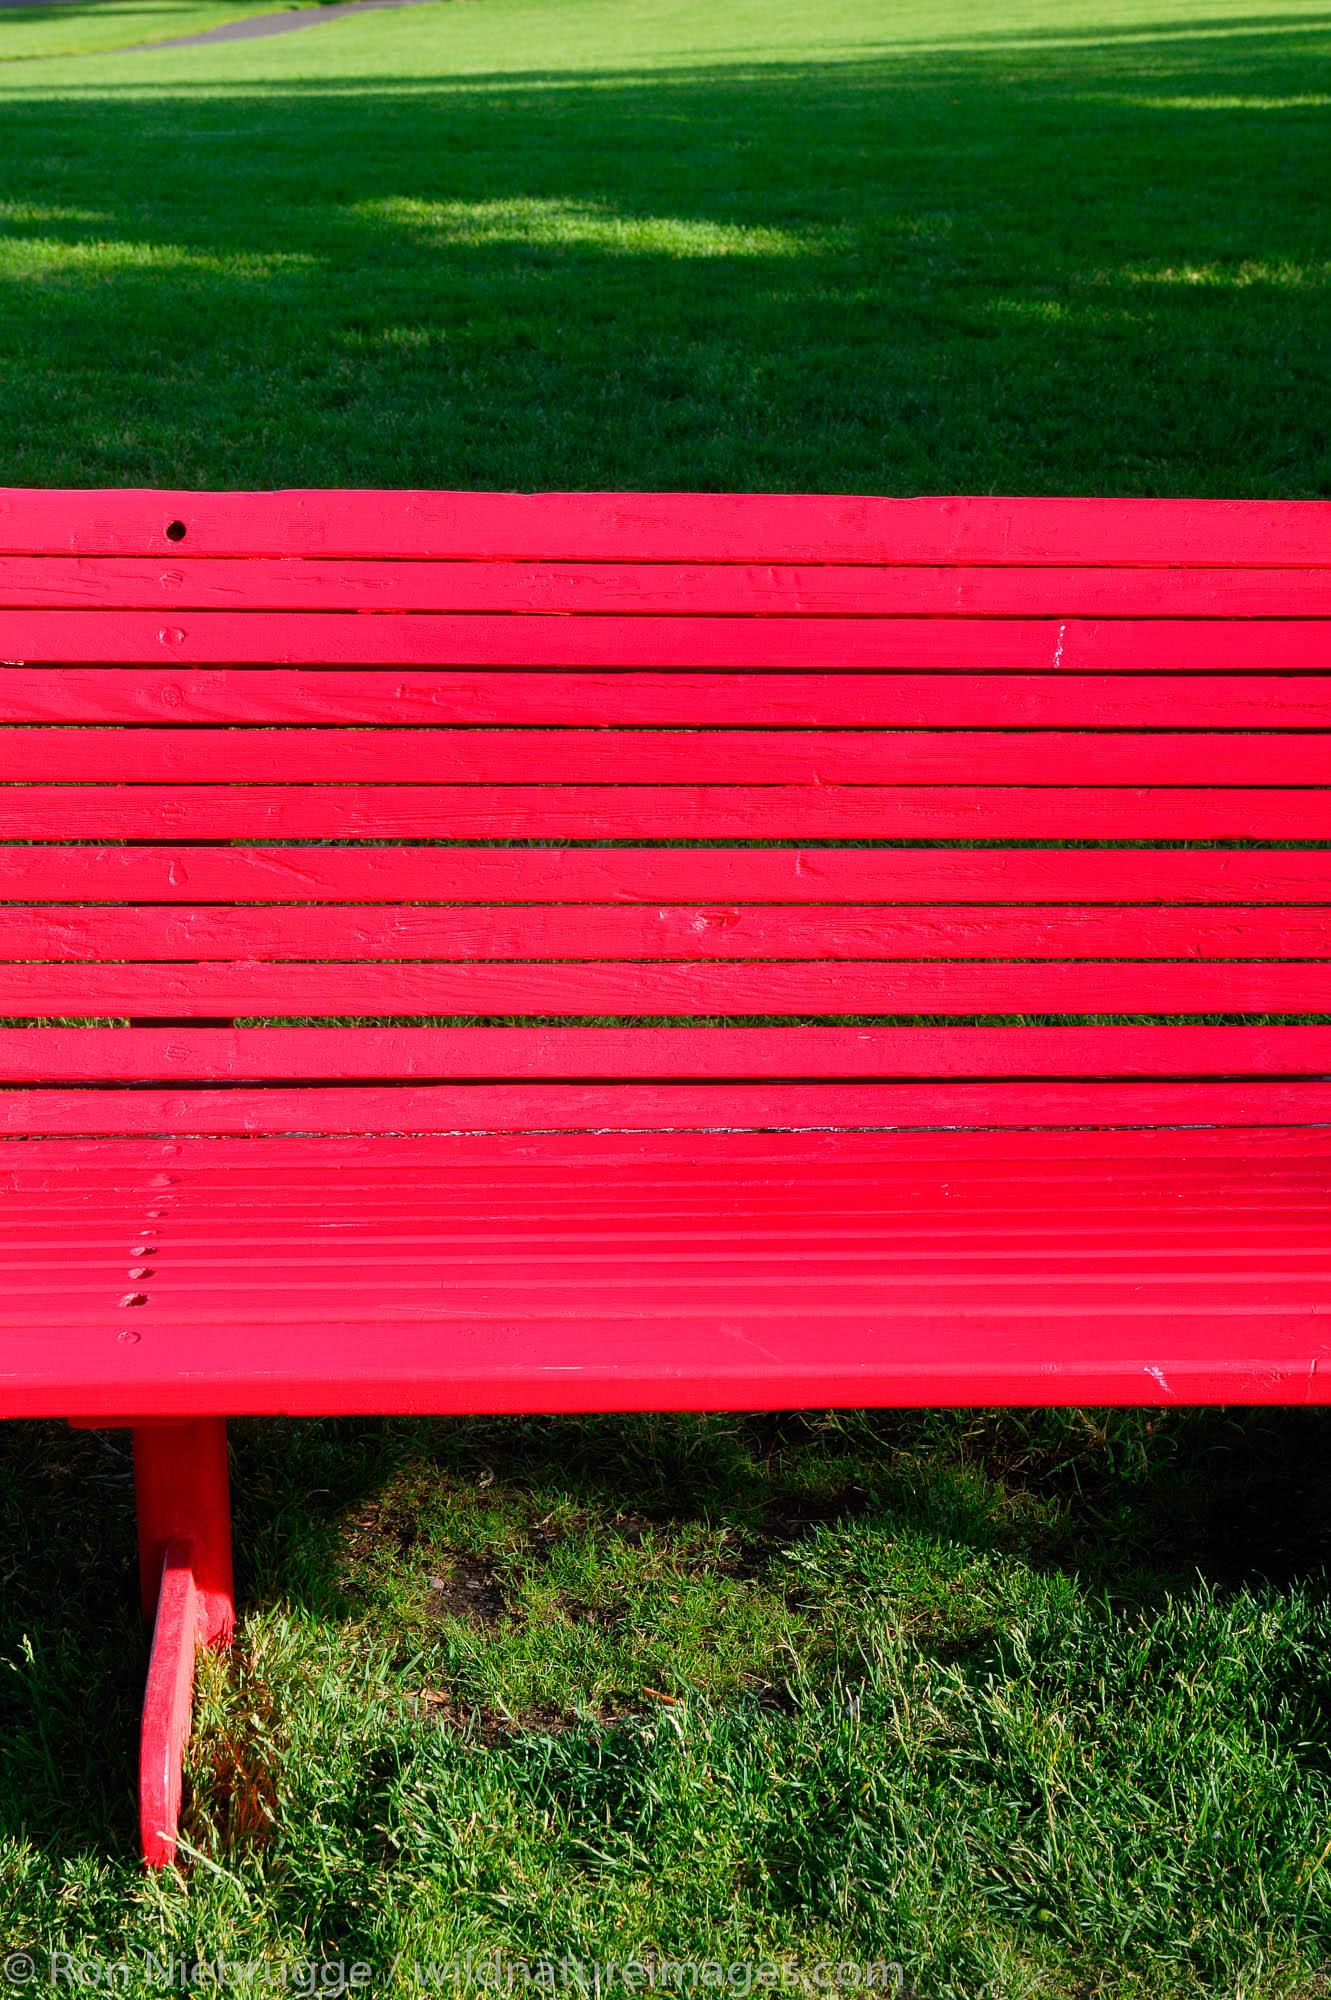 A red bench in Riverfront Park, Spokane, Washington.